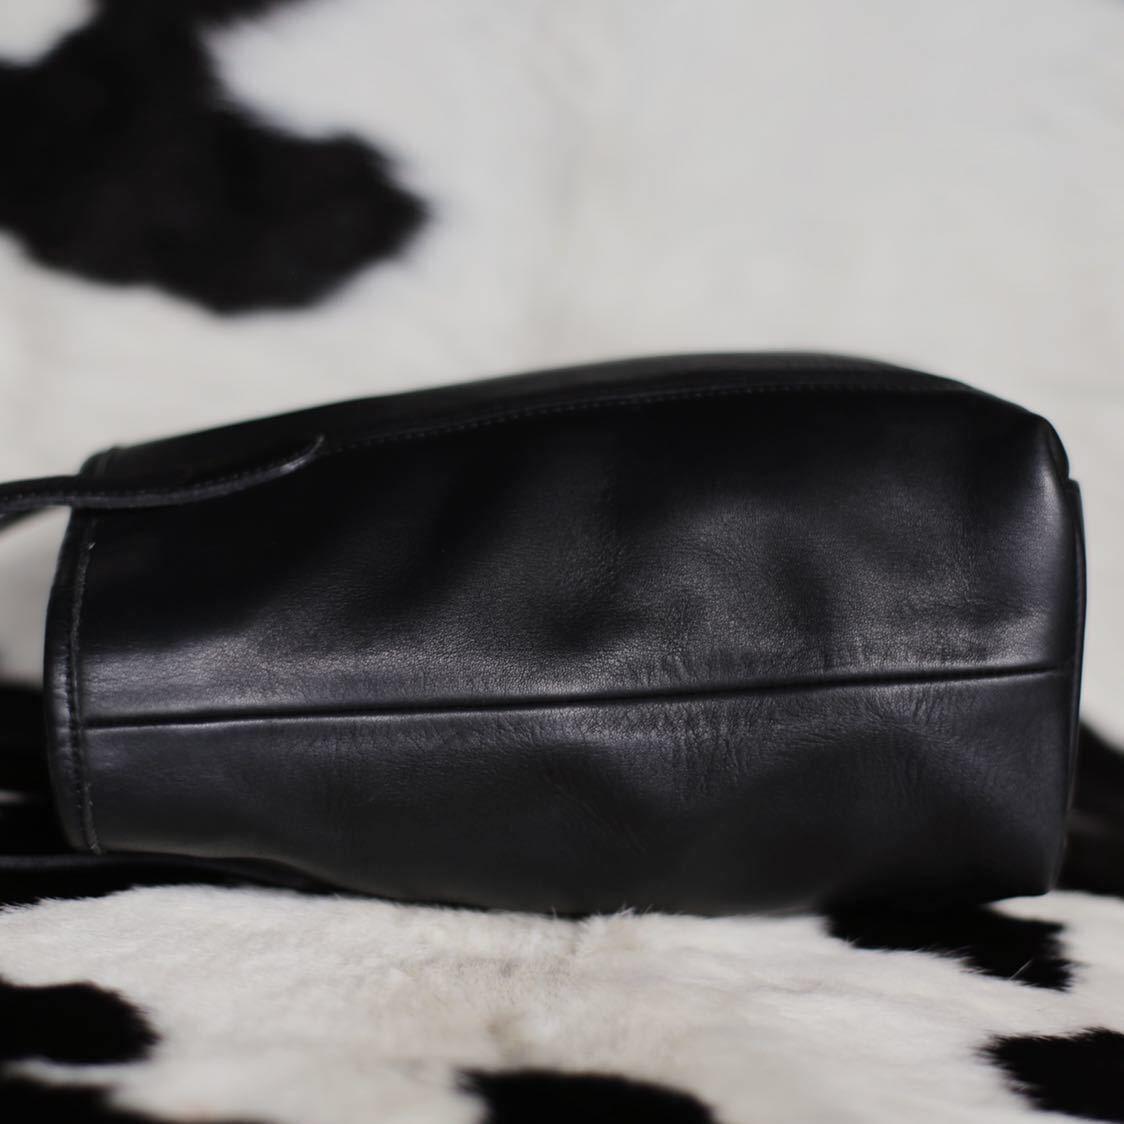 極美品 美品 コーチ COACH トートバッグ バッグ ビジネスバッグ 黒 ブラック レザー メンズバッグ 革 15万 オールドコーチ ビンテージ B5_画像4